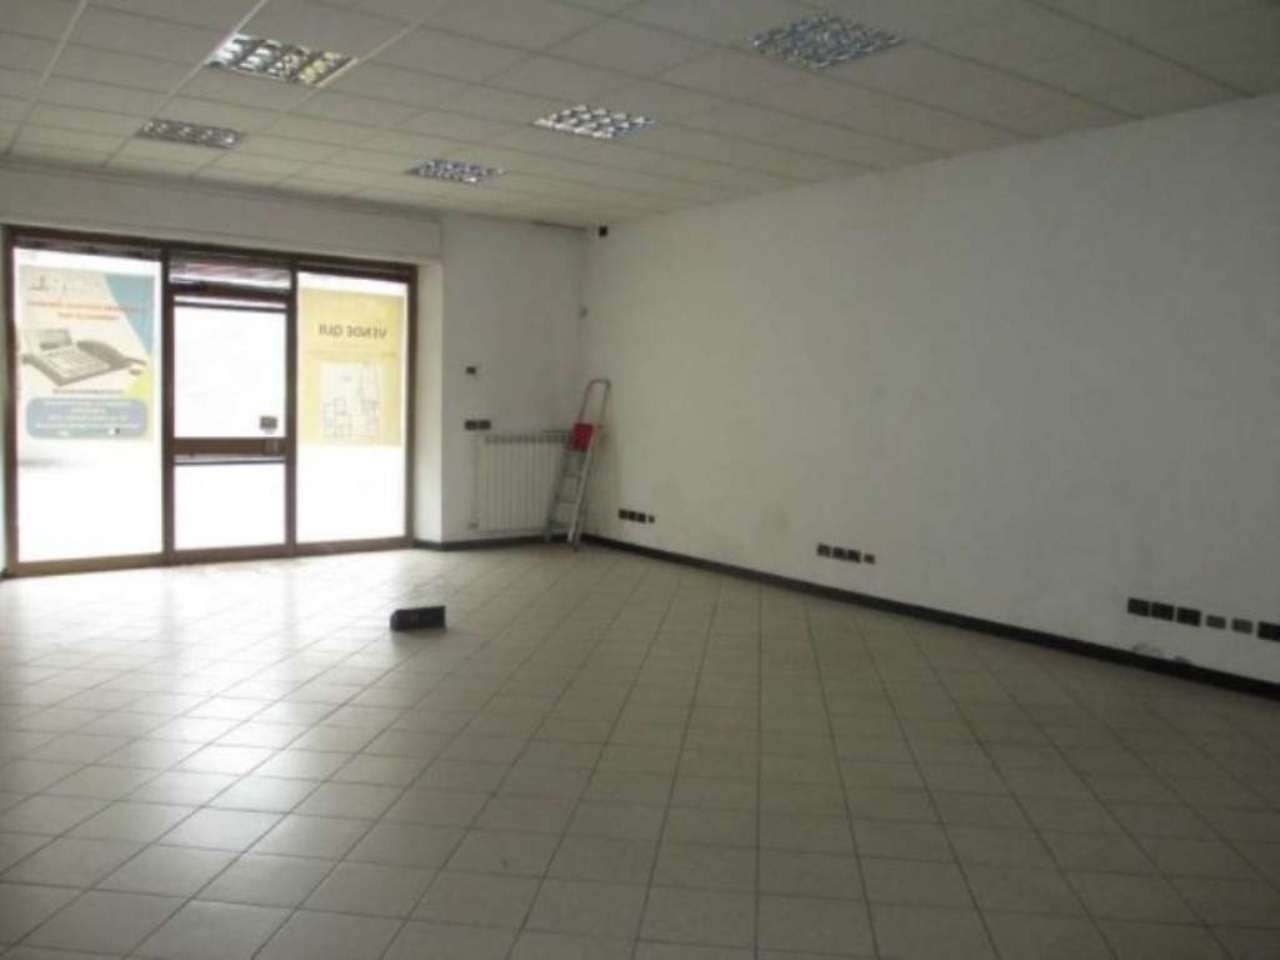 Negozio / Locale in vendita a Genivolta, 6 locali, prezzo € 130.000 | Cambio Casa.it